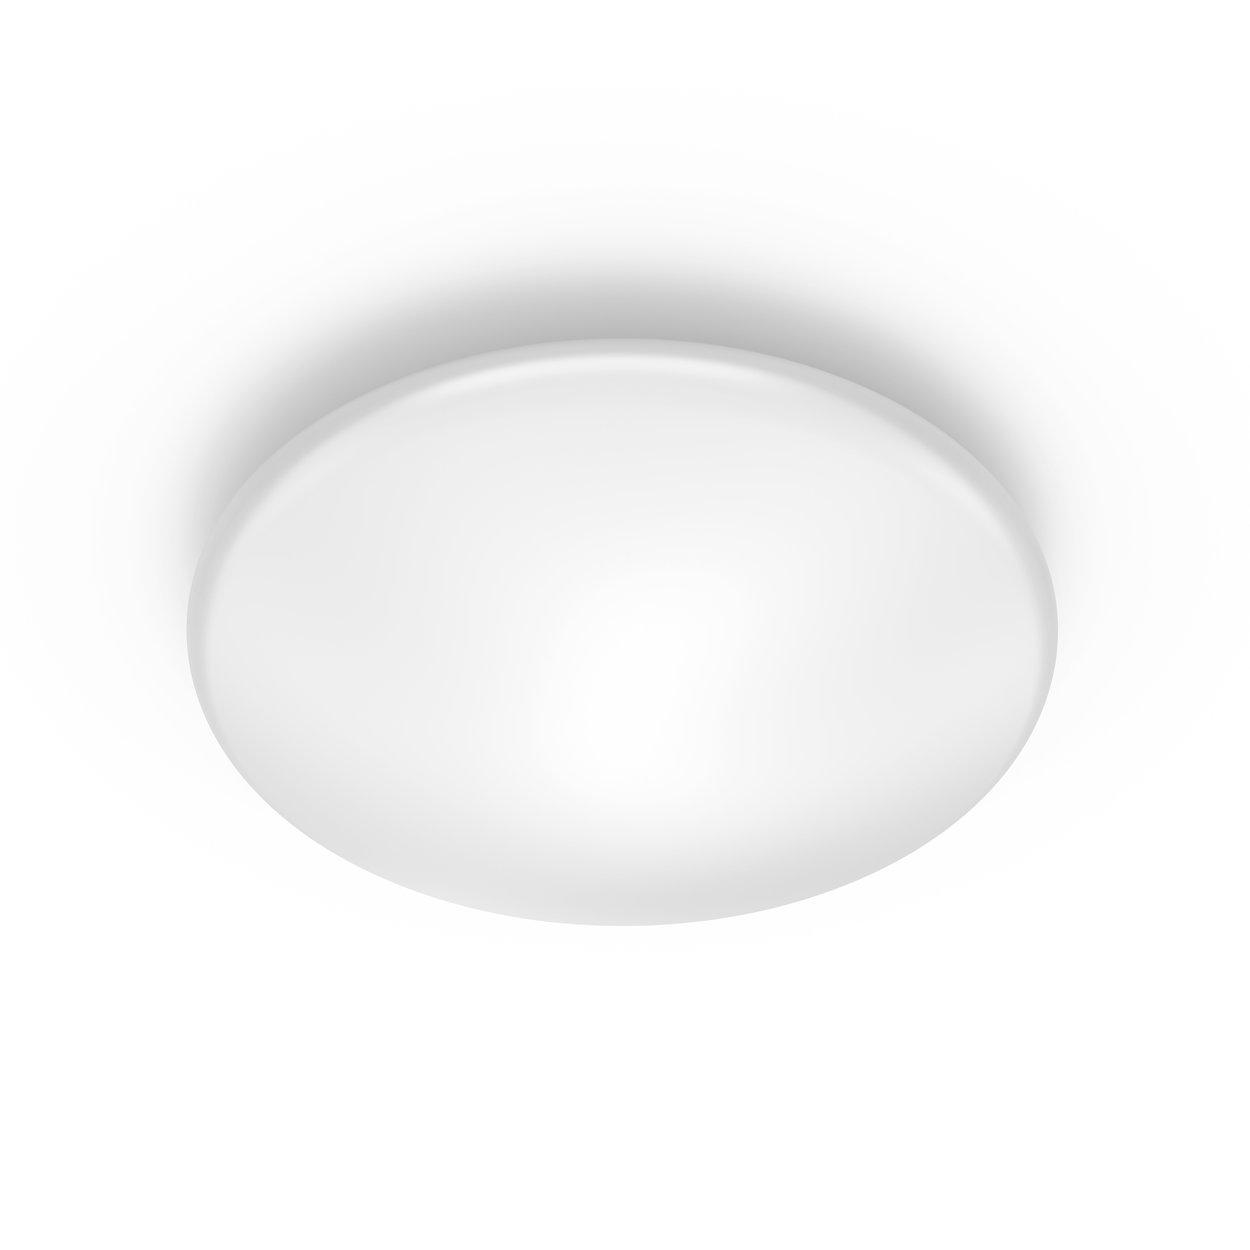 Komfortables Licht mit Bewegungssensorik sorgt für zusätzliche Energieeinsparung